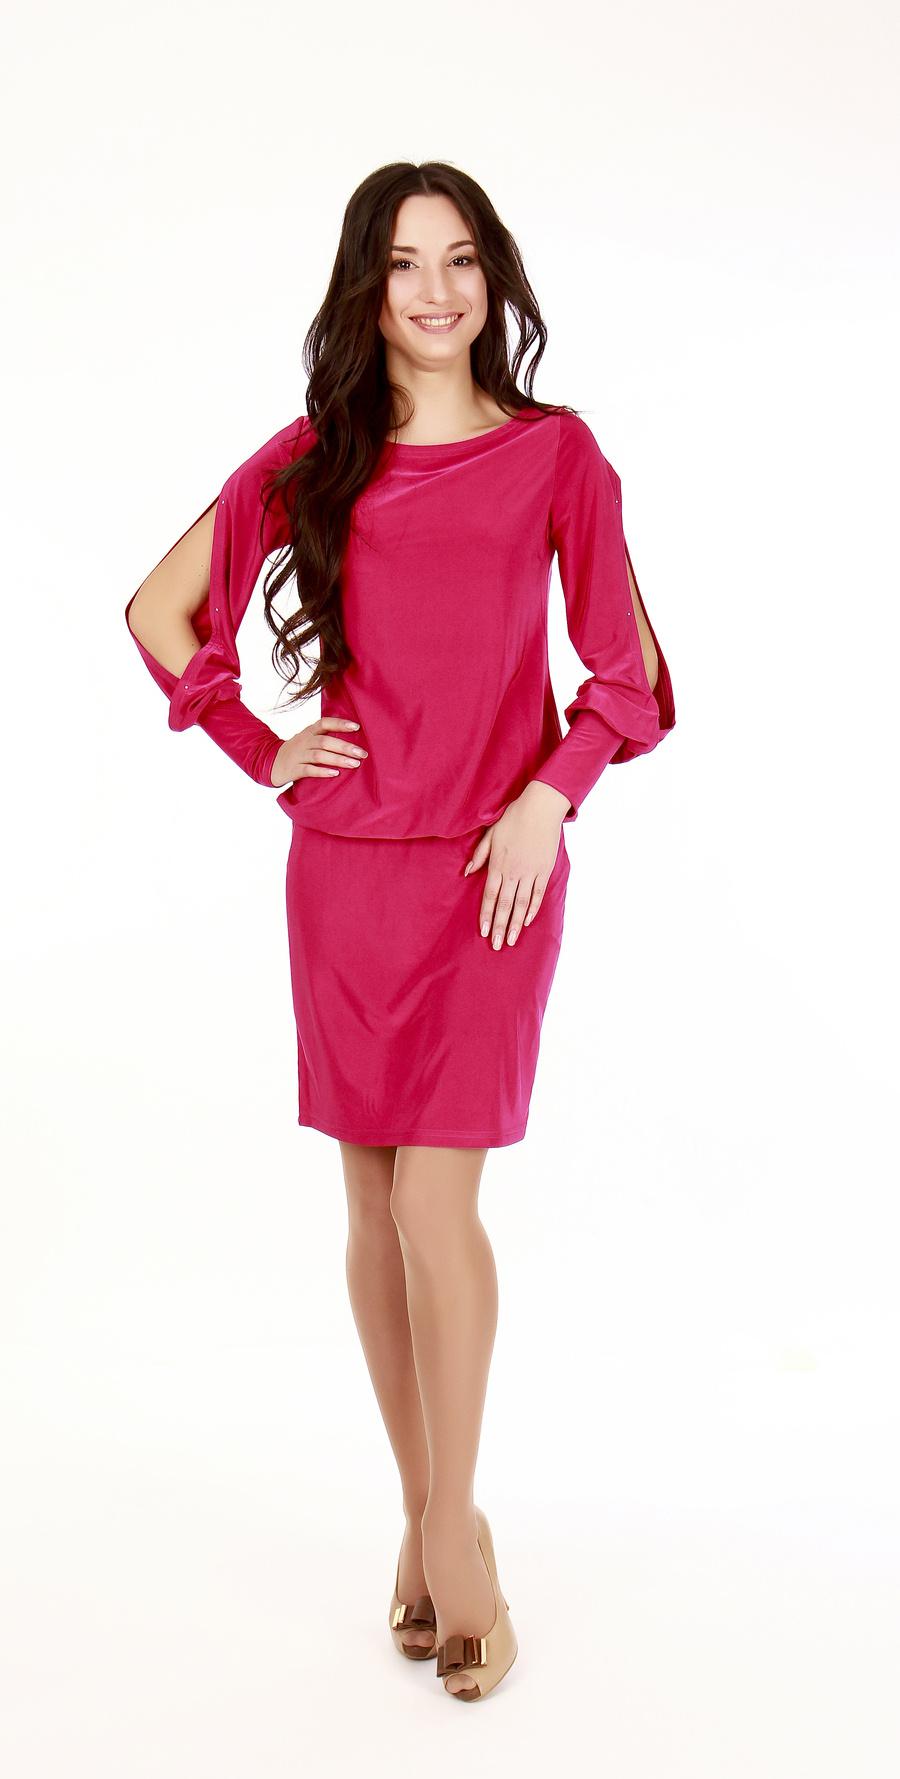 Мода Нск Интернет Магазин Женской Одежды Из Новосибирска Модница